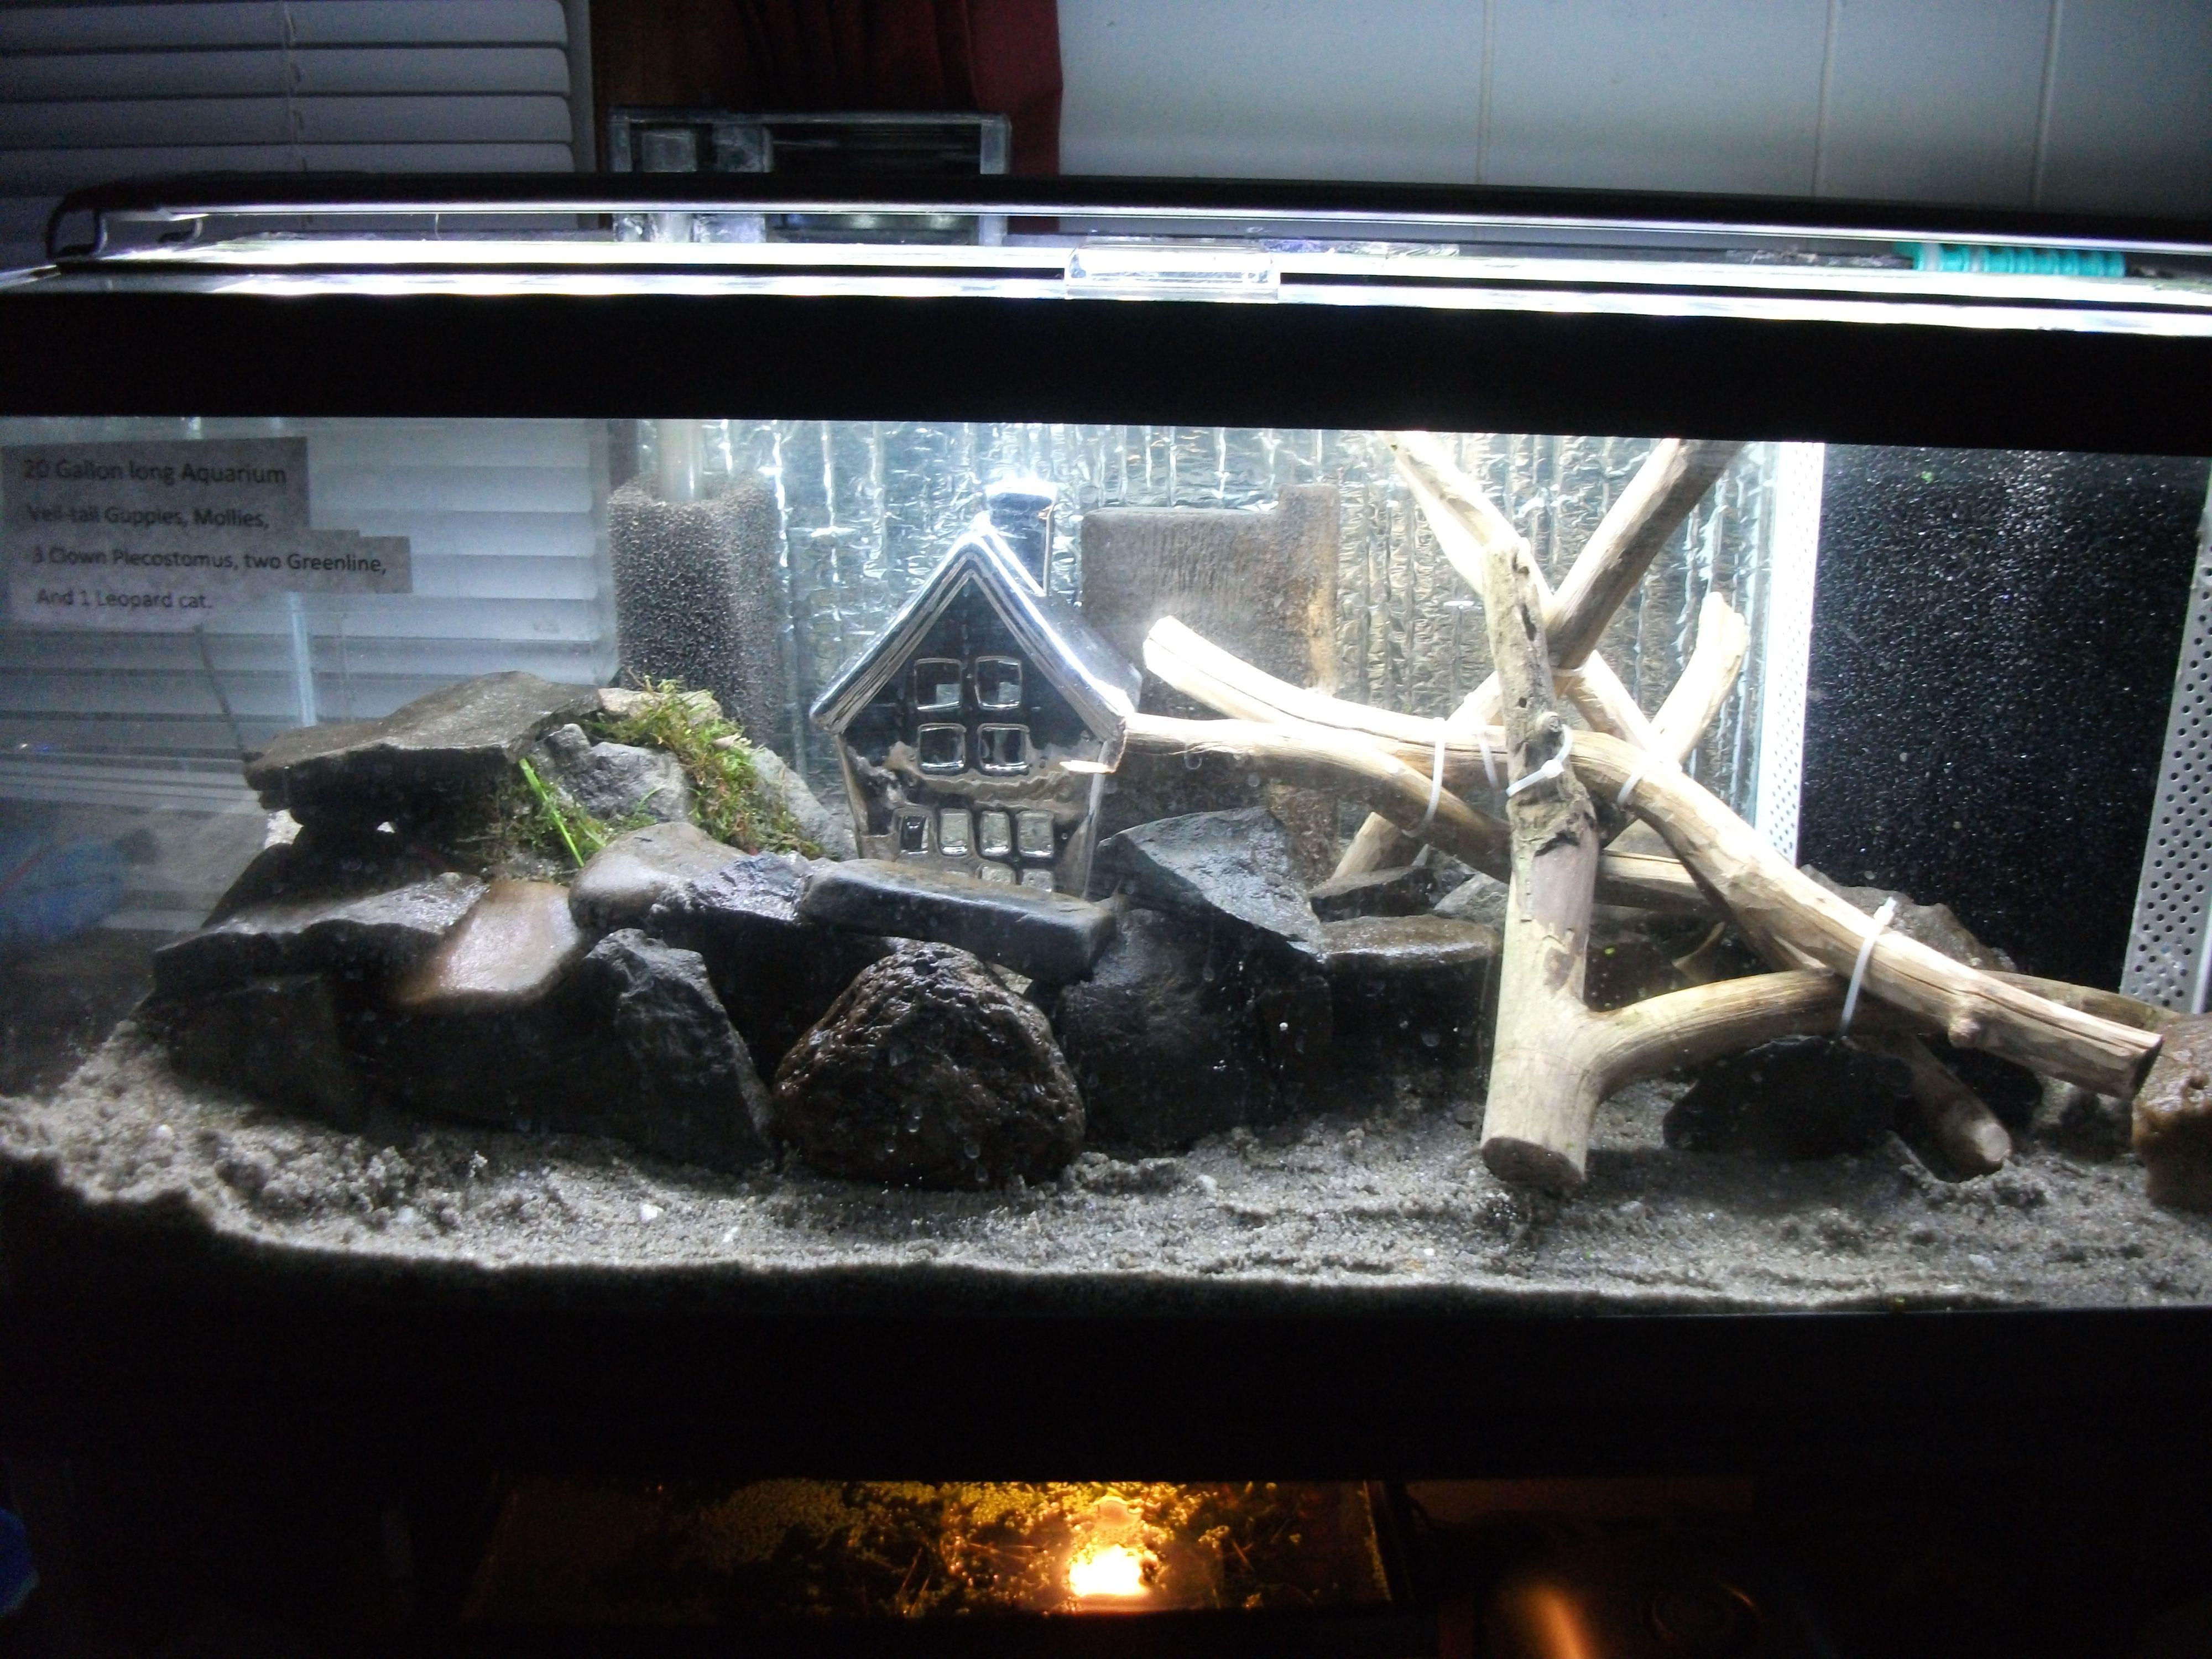 Kribensis tank